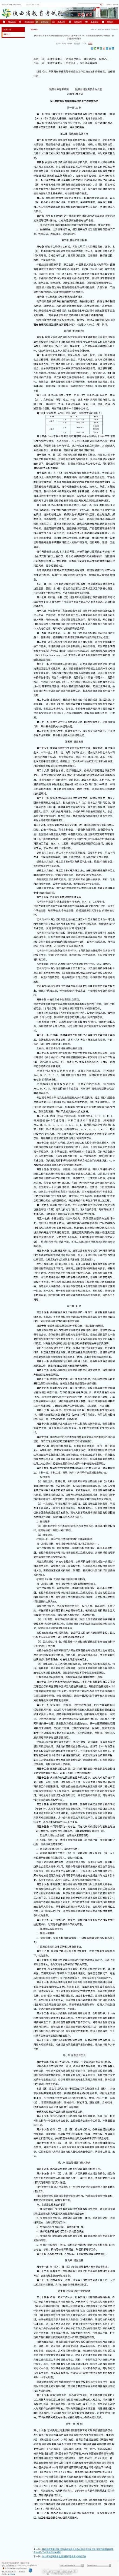 《2021年陕西省普通高等学校招生工作实施办法》印发